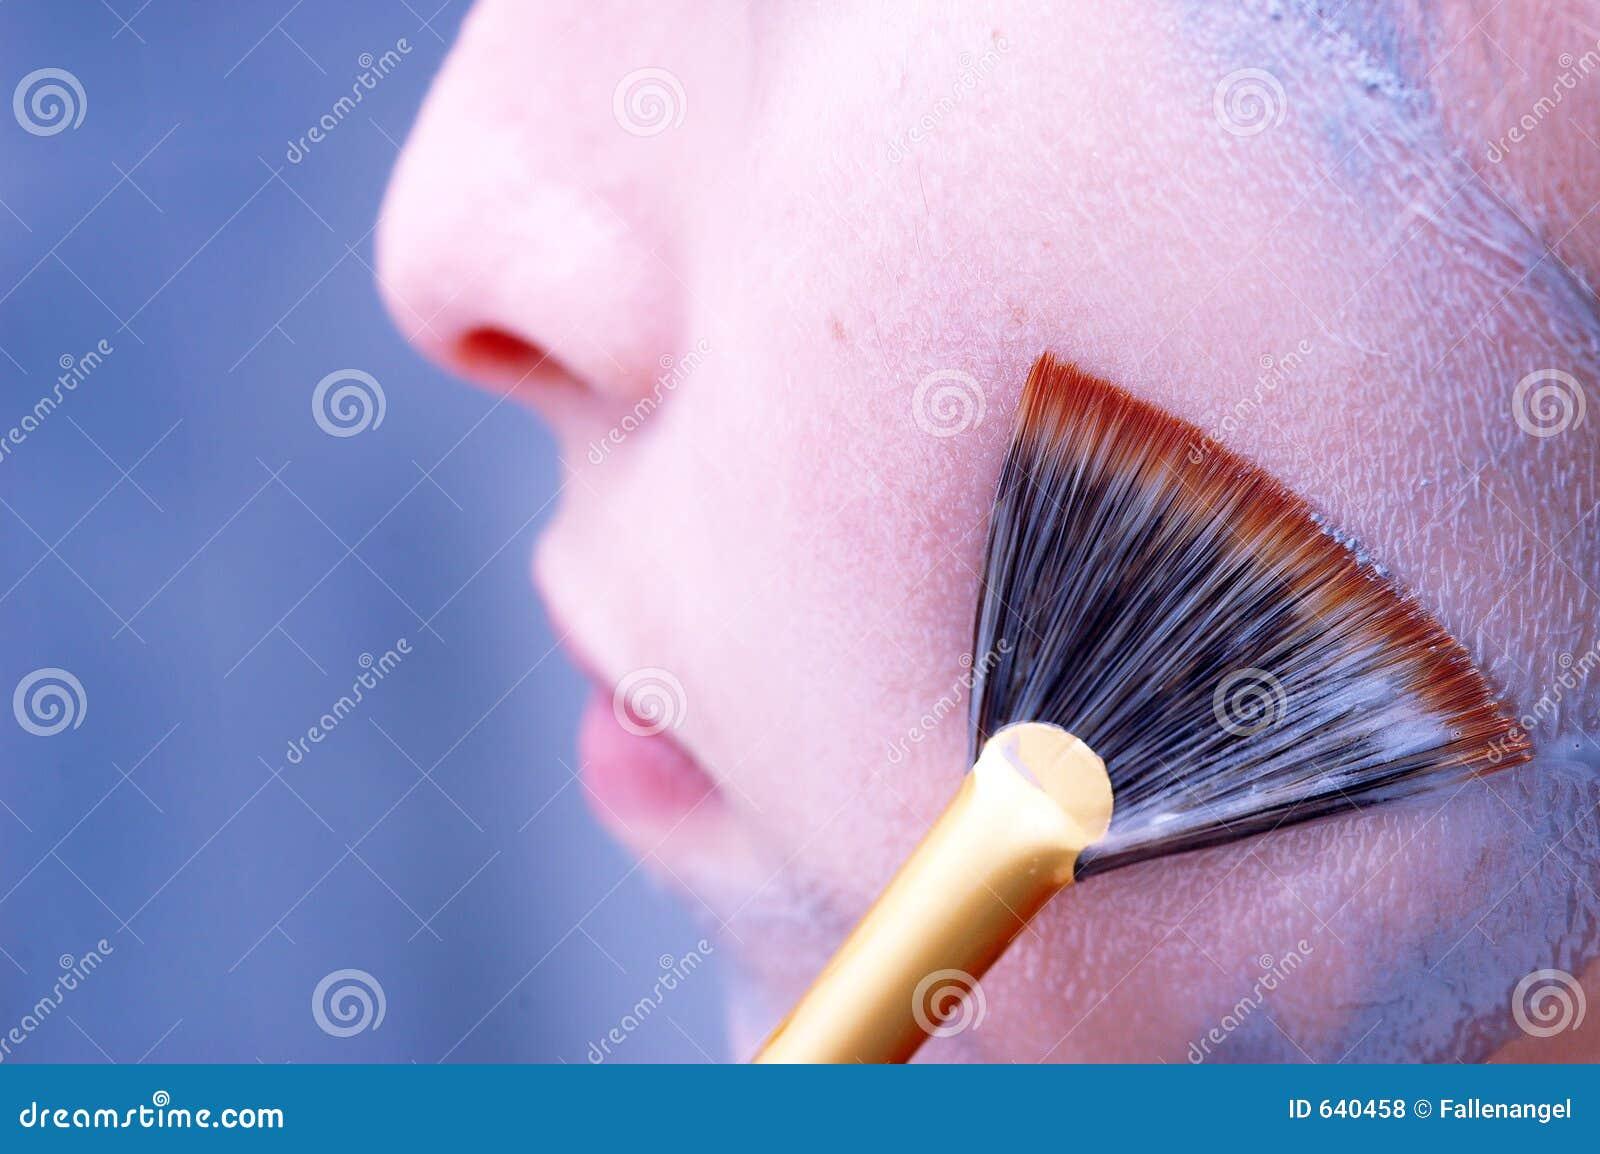 Nettoyage d un masque protecteur